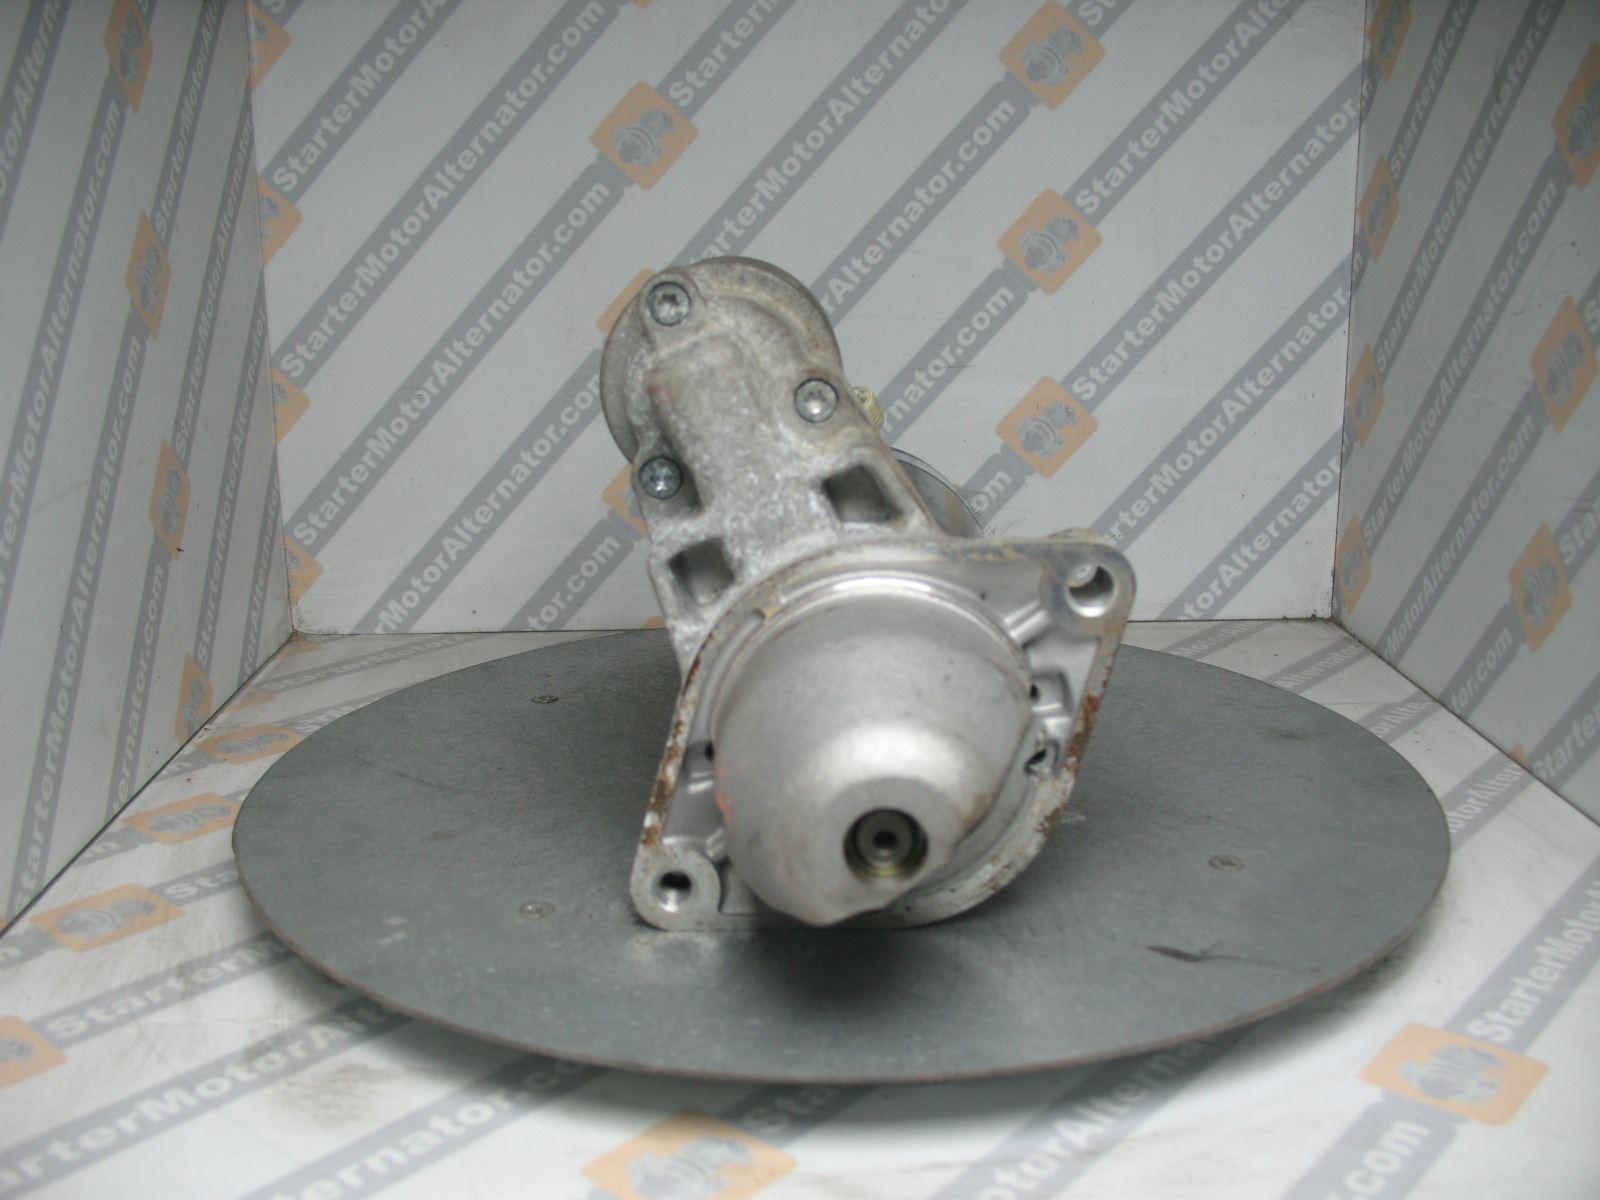 XIY2516 Starter Motor For Alfa Romeo / Chrysler / Citroen / Fiat / Ford / Opel / Peugeot / Vauxhall